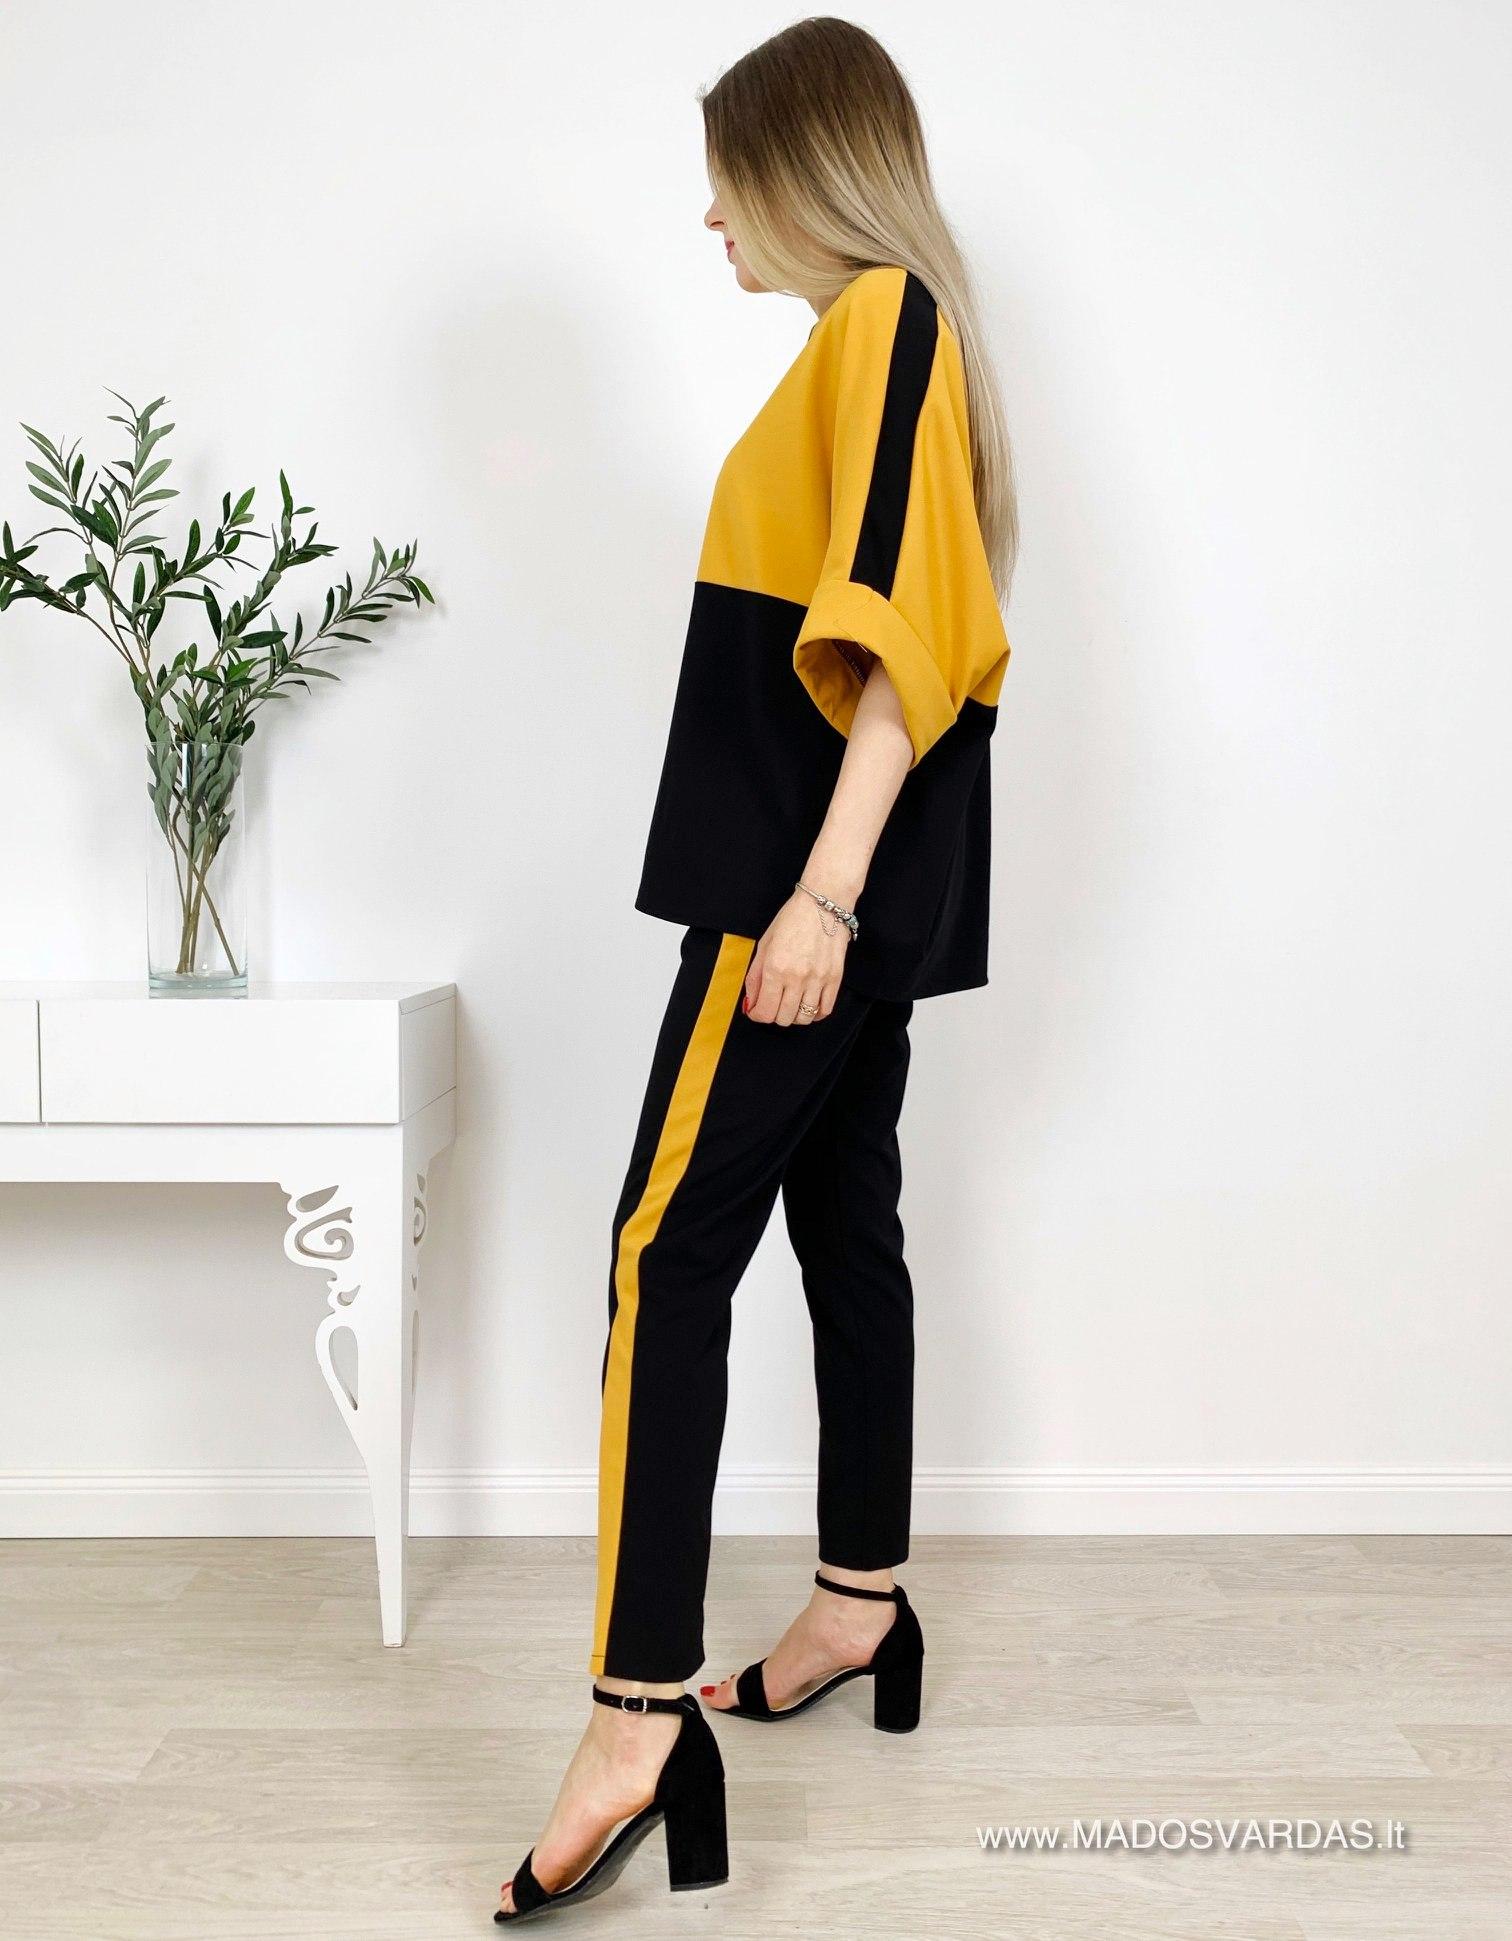 Dviejų spalvų laisvalaikio kostiumėlis KAPRICE Yellow |madosvardas.lt